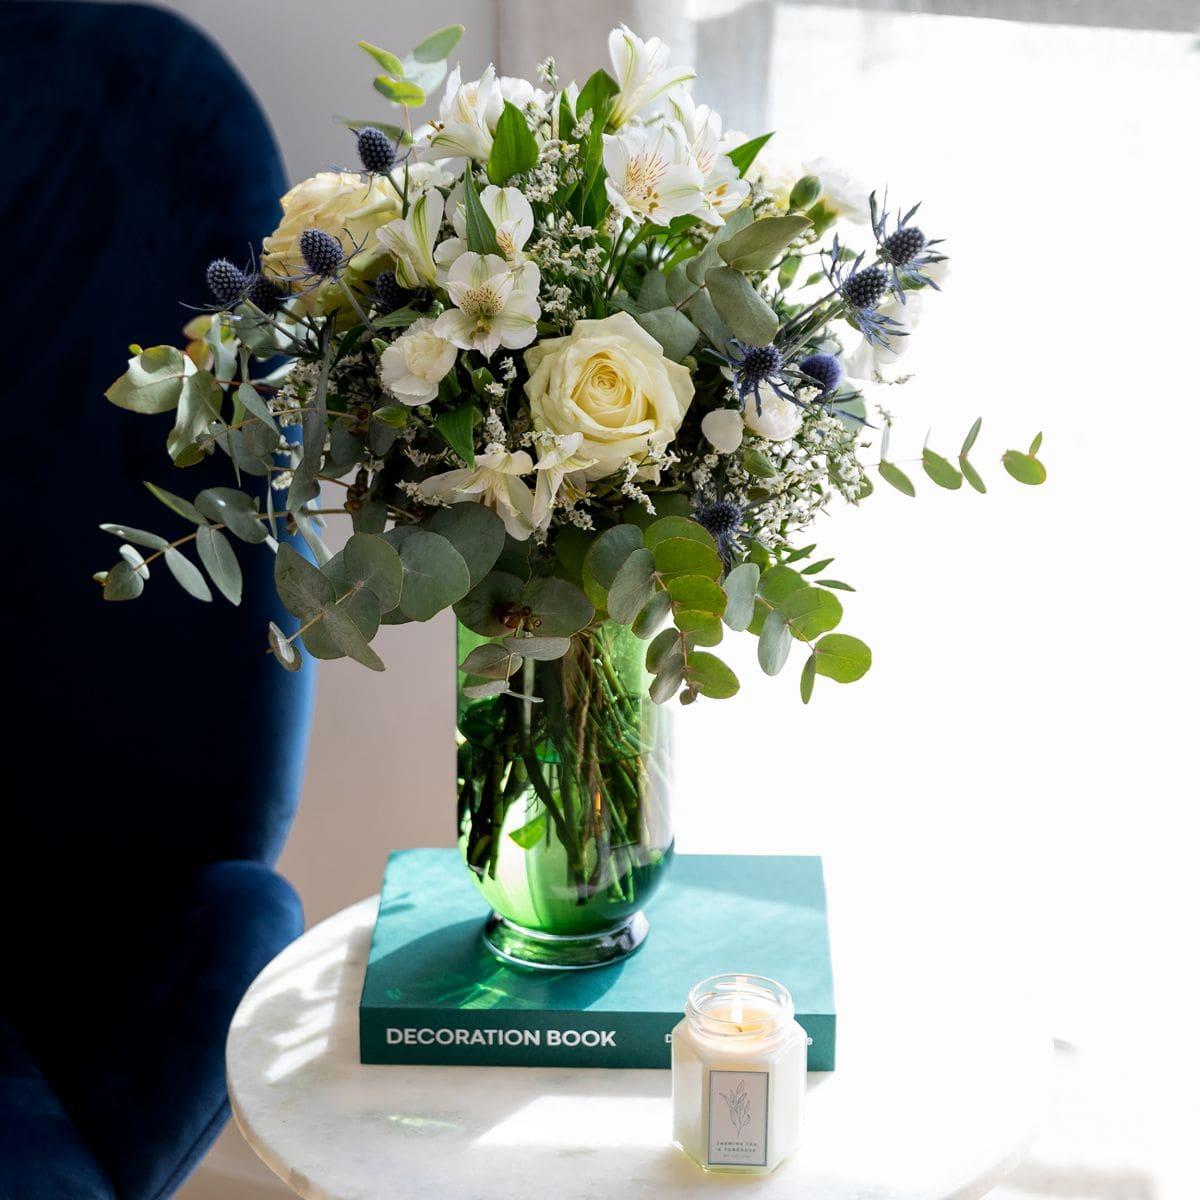 bouquet di fiori verdi, bianchi e blu per la festa della mamma